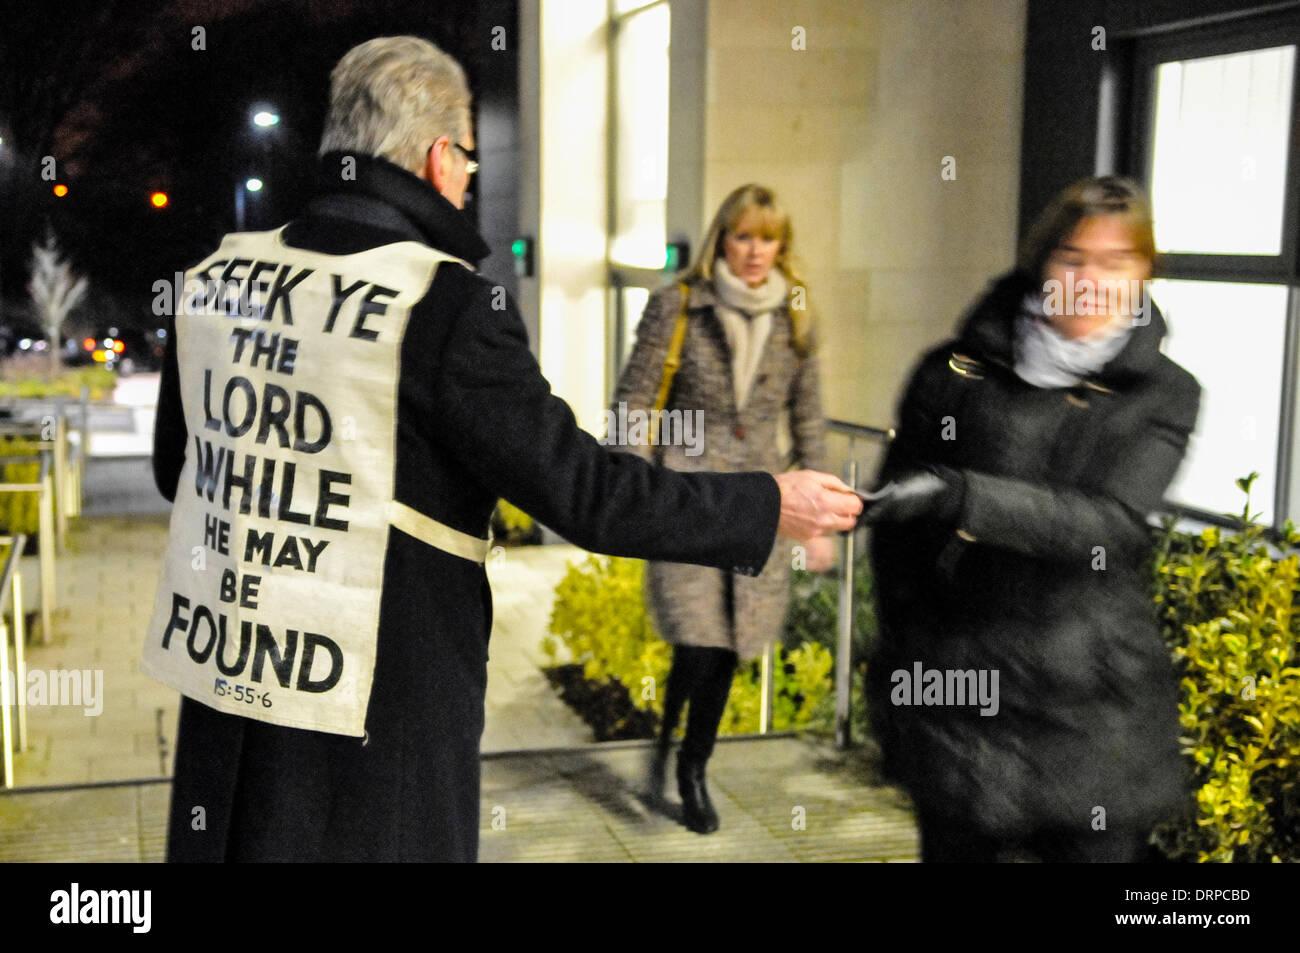 """Belfast, Irlande du Nord. 30 janv. 2014 - Un homme portant un dossard avec un verset de la bible, donne des tracts à l'Évangile les membres de l'assistance d'aller voir une pièce de théâtre qu'ils considèrent comme """"blasphématoire"""". Crédit: Stephen Barnes/Alamy Live News Banque D'Images"""